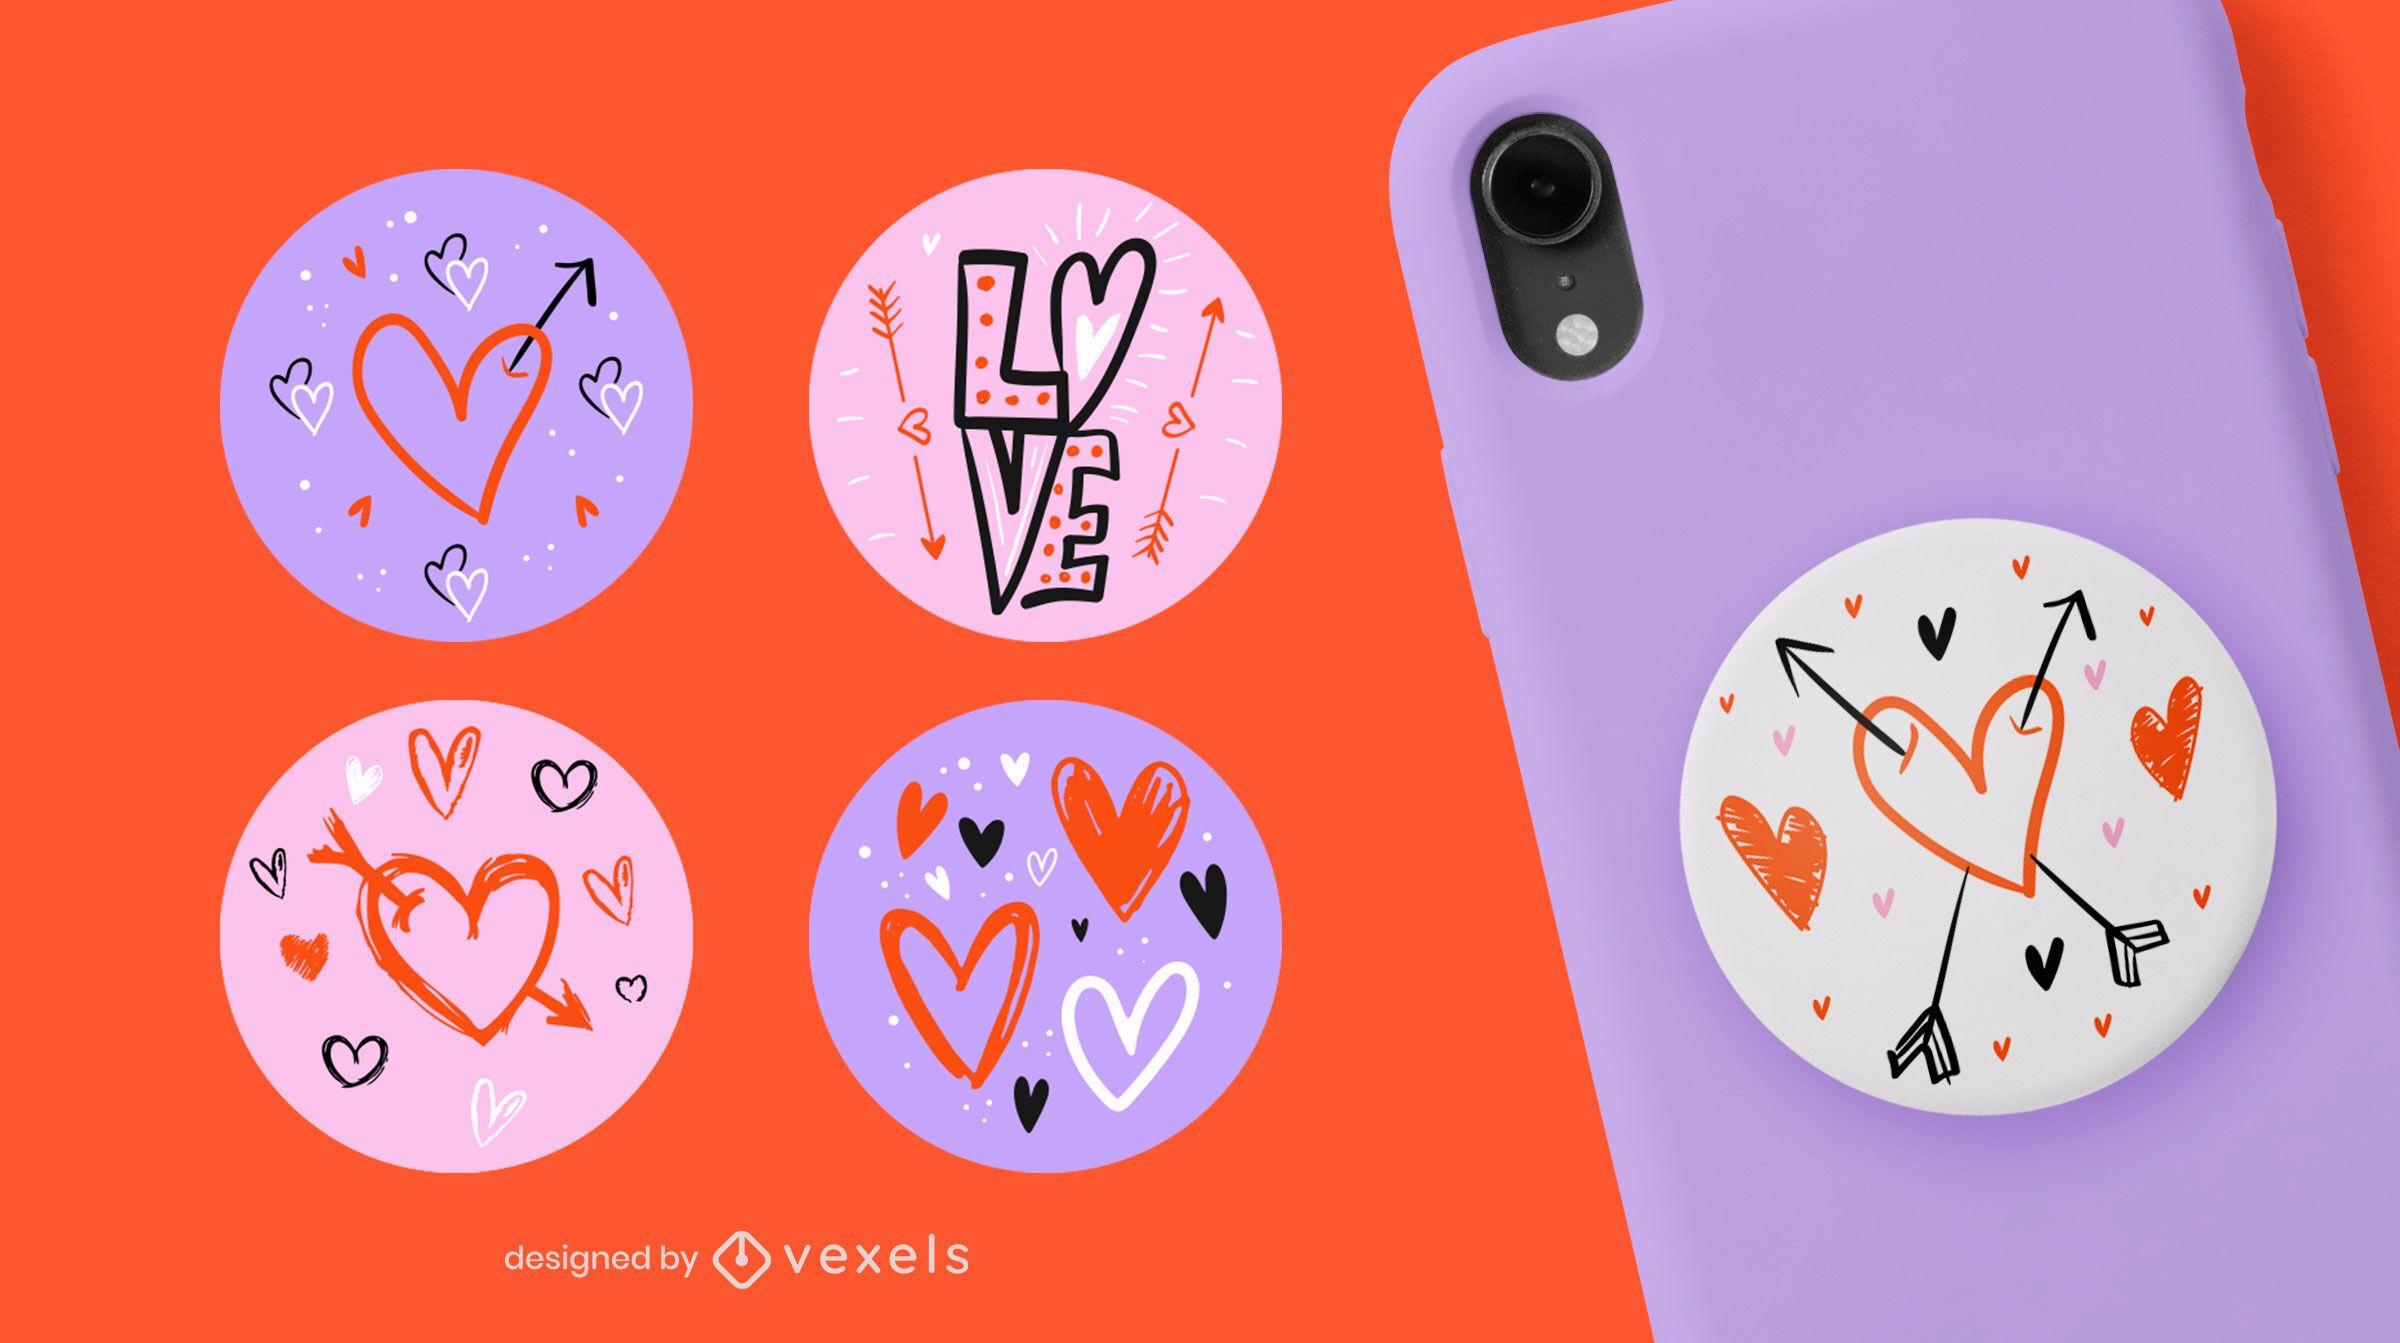 Doodle hearts popsocket set